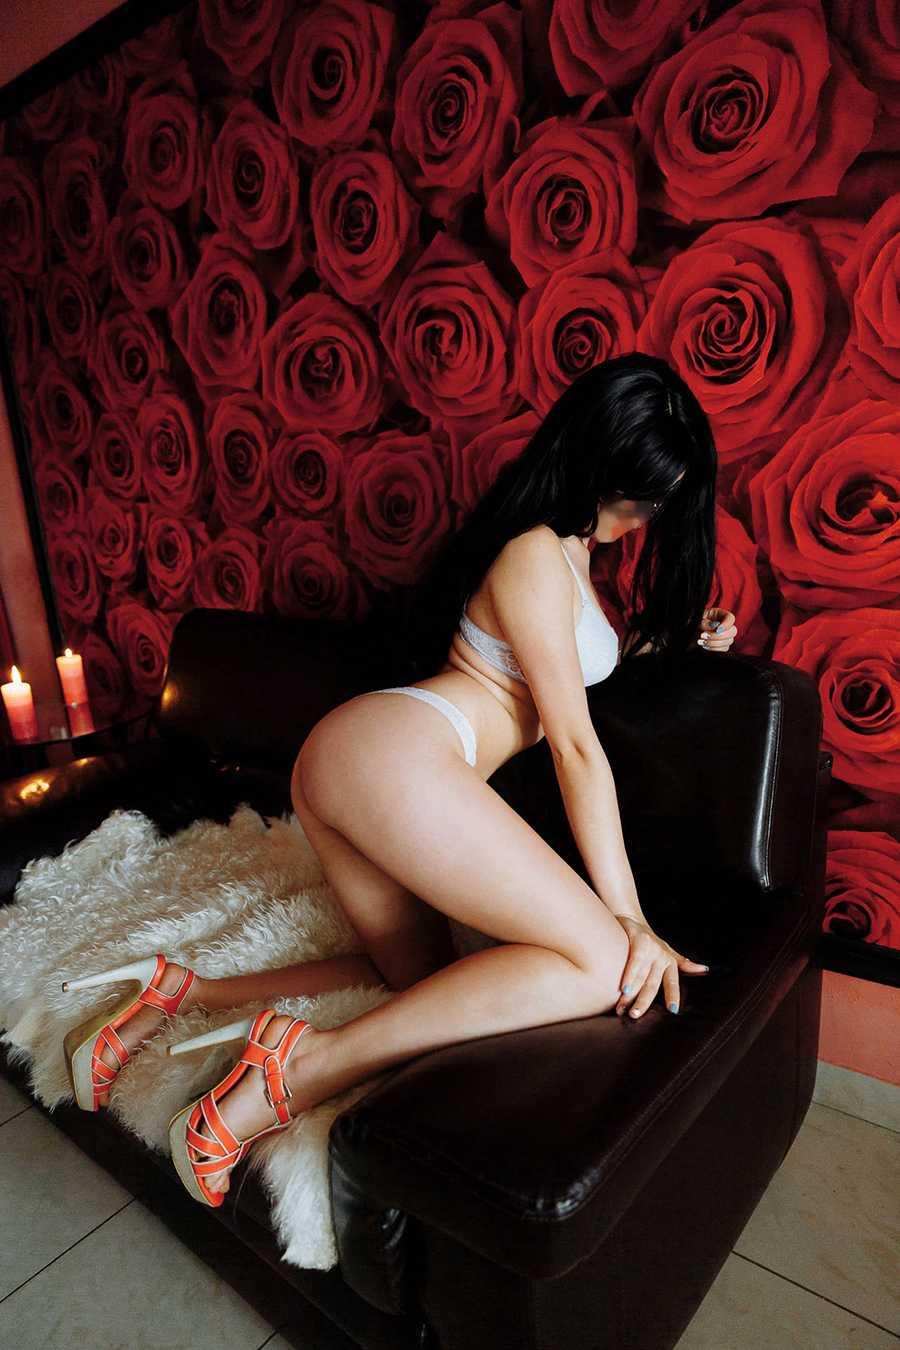 массаж эротический алтуфьево - 4